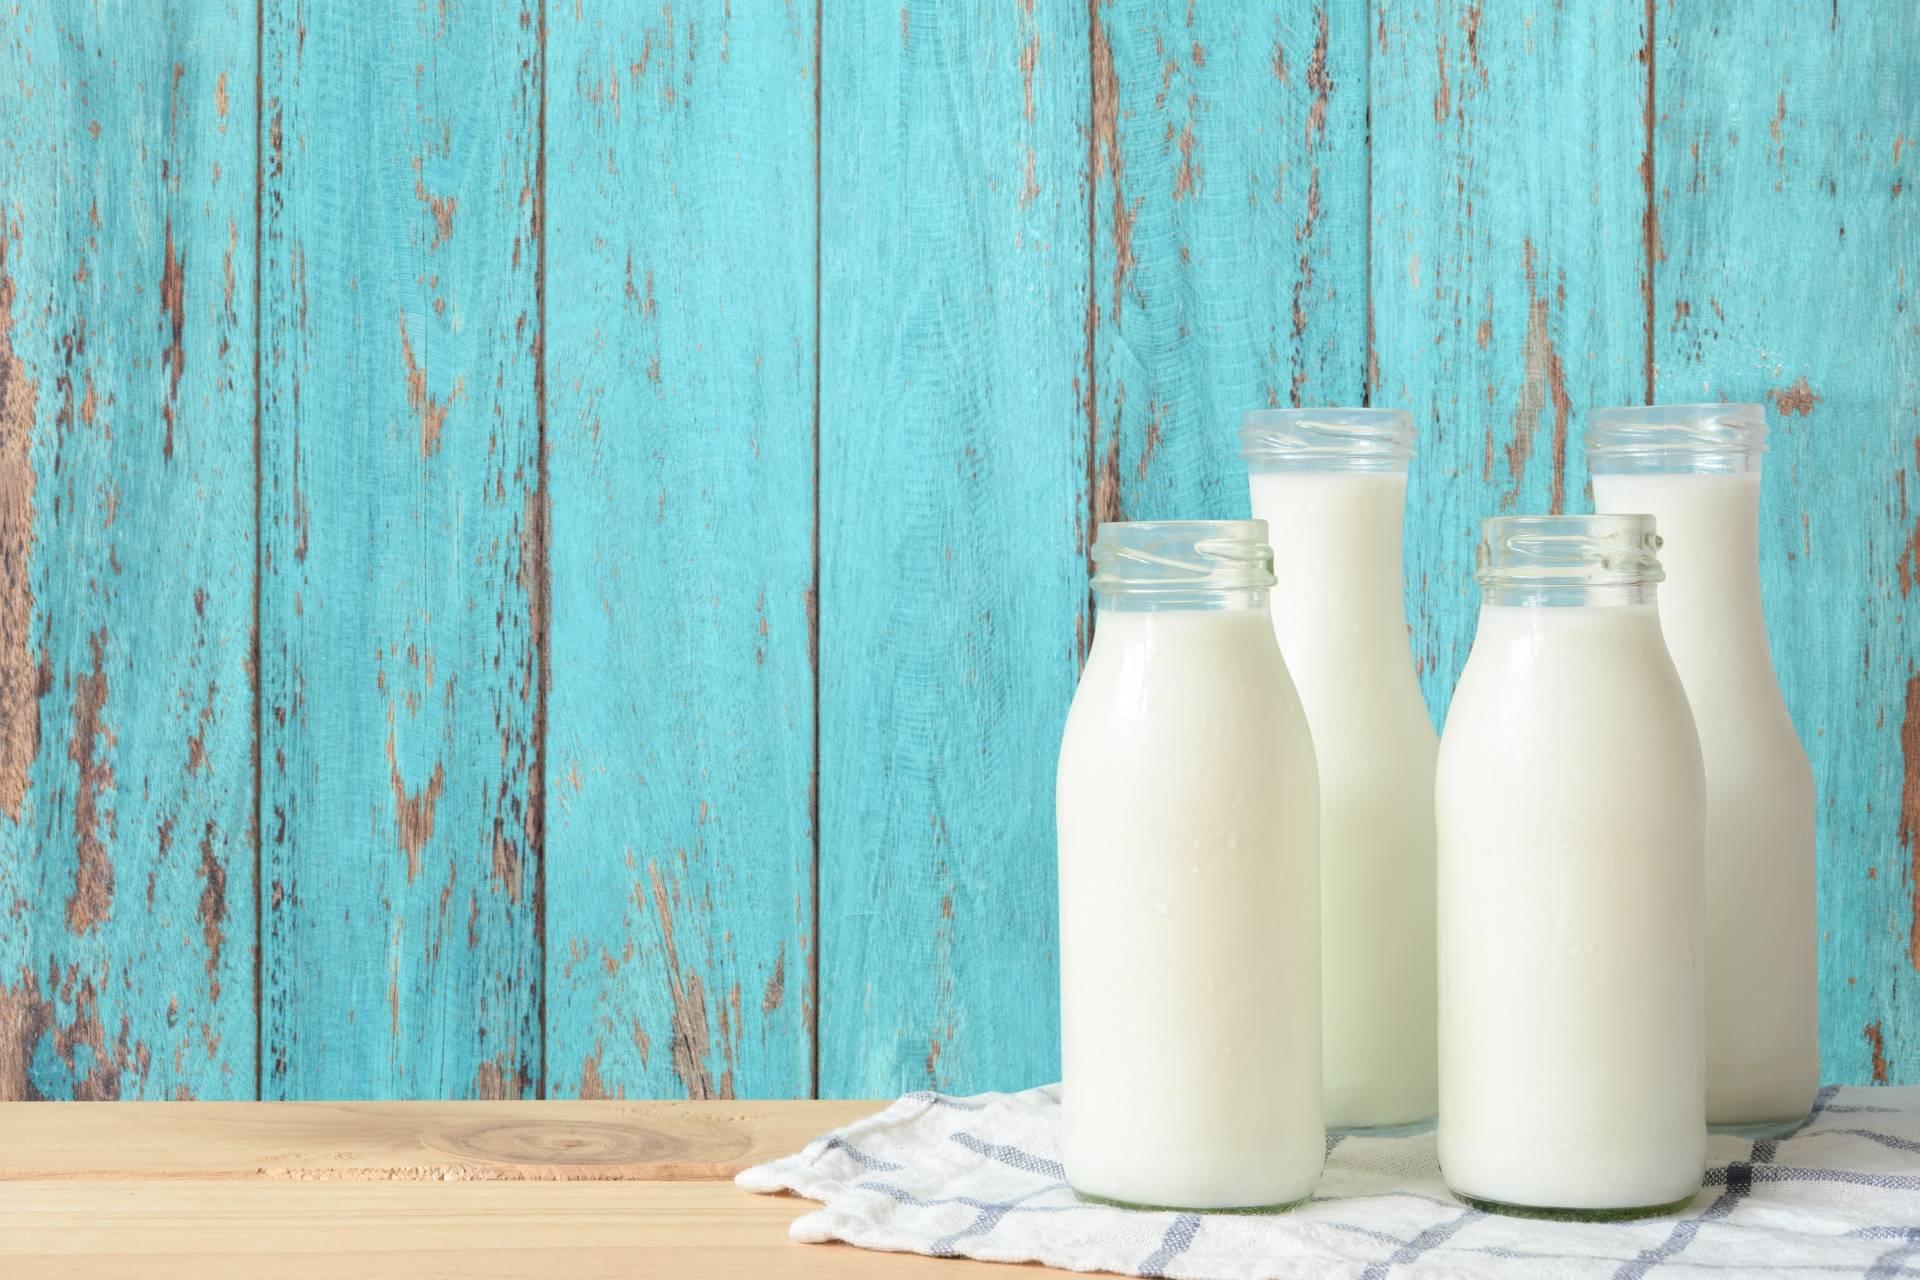 Mleko bez laktozy - kto powinien je pić? 4 butelki mleka stoją na stole na tle pomalowanego na niebiesko płotu.